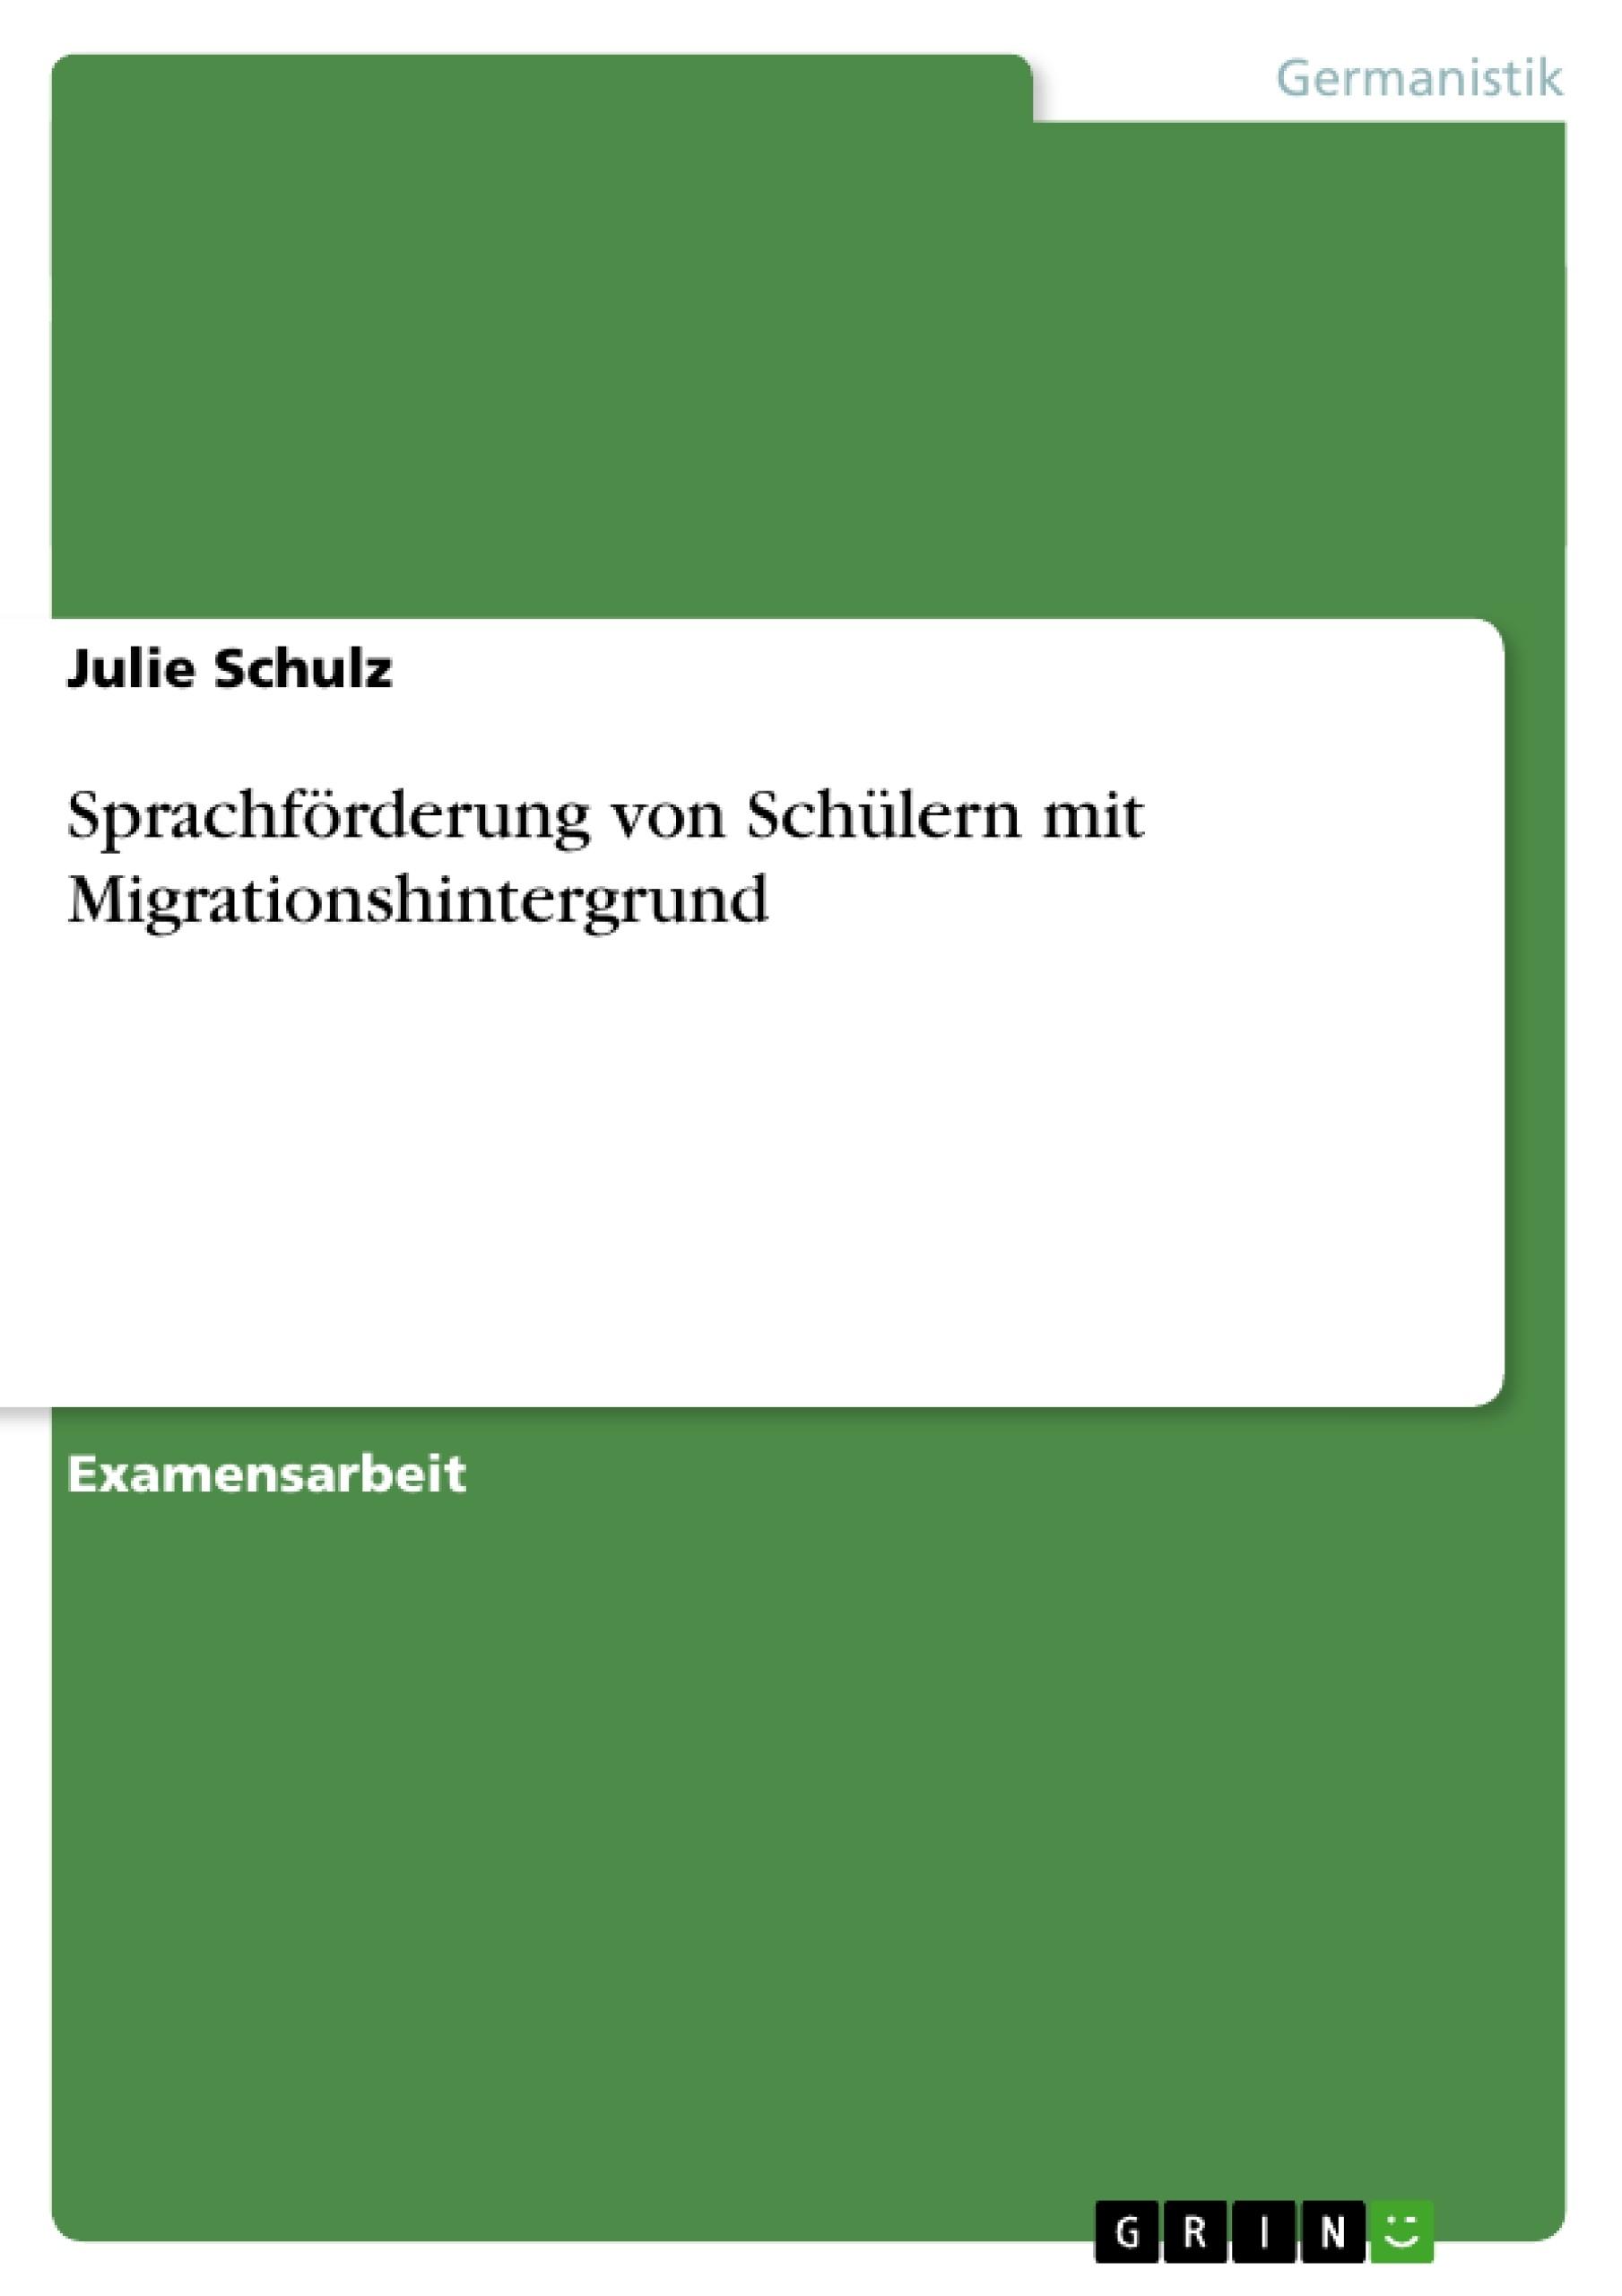 Titel: Sprachförderung von Schülern mit Migrationshintergrund